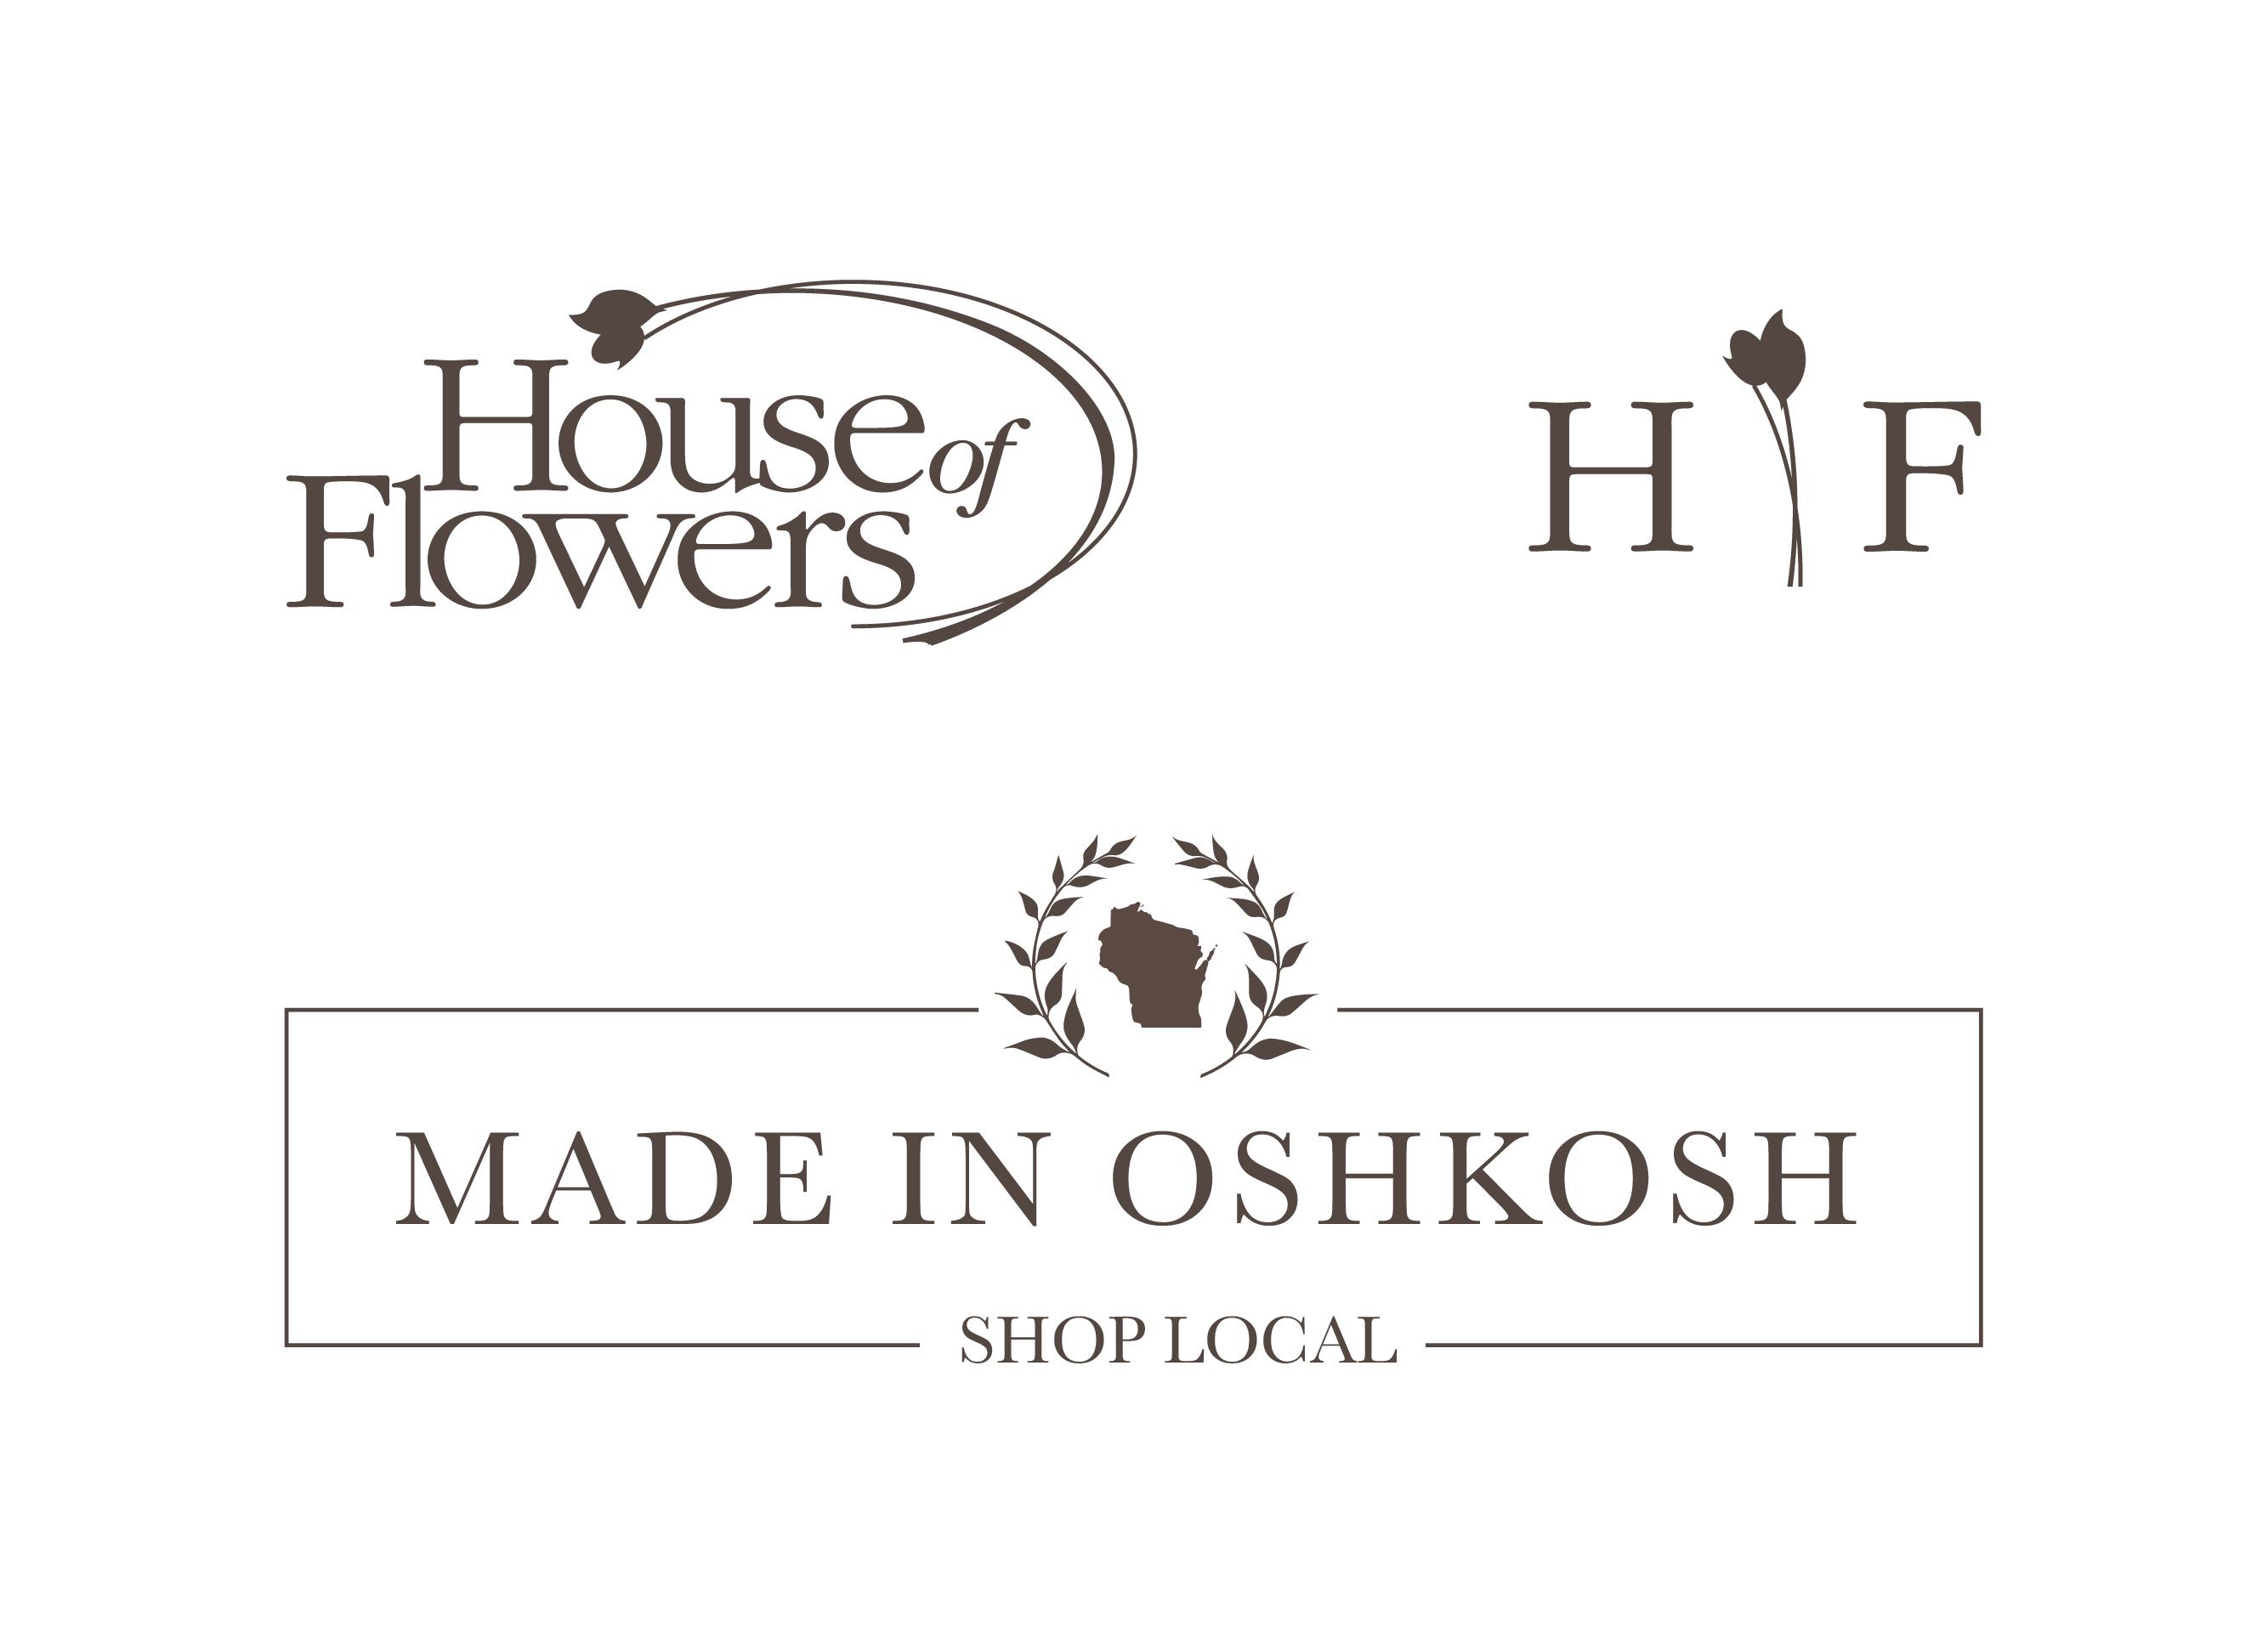 House of Flower's logos.